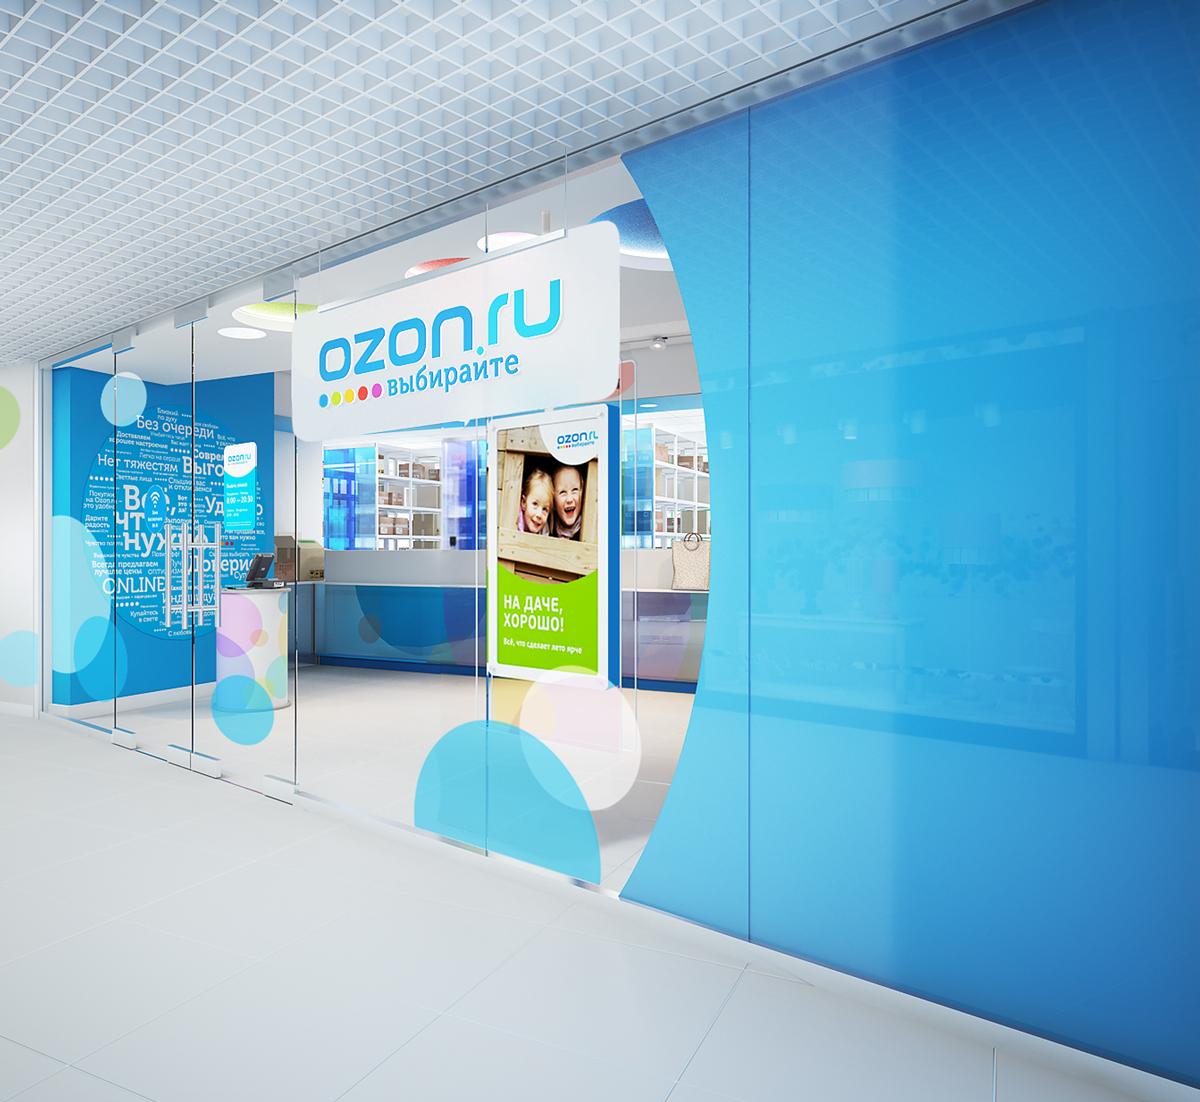 Дизайн фасада и дизайн интерьера салонов обслуживания клиентов OZON.RU